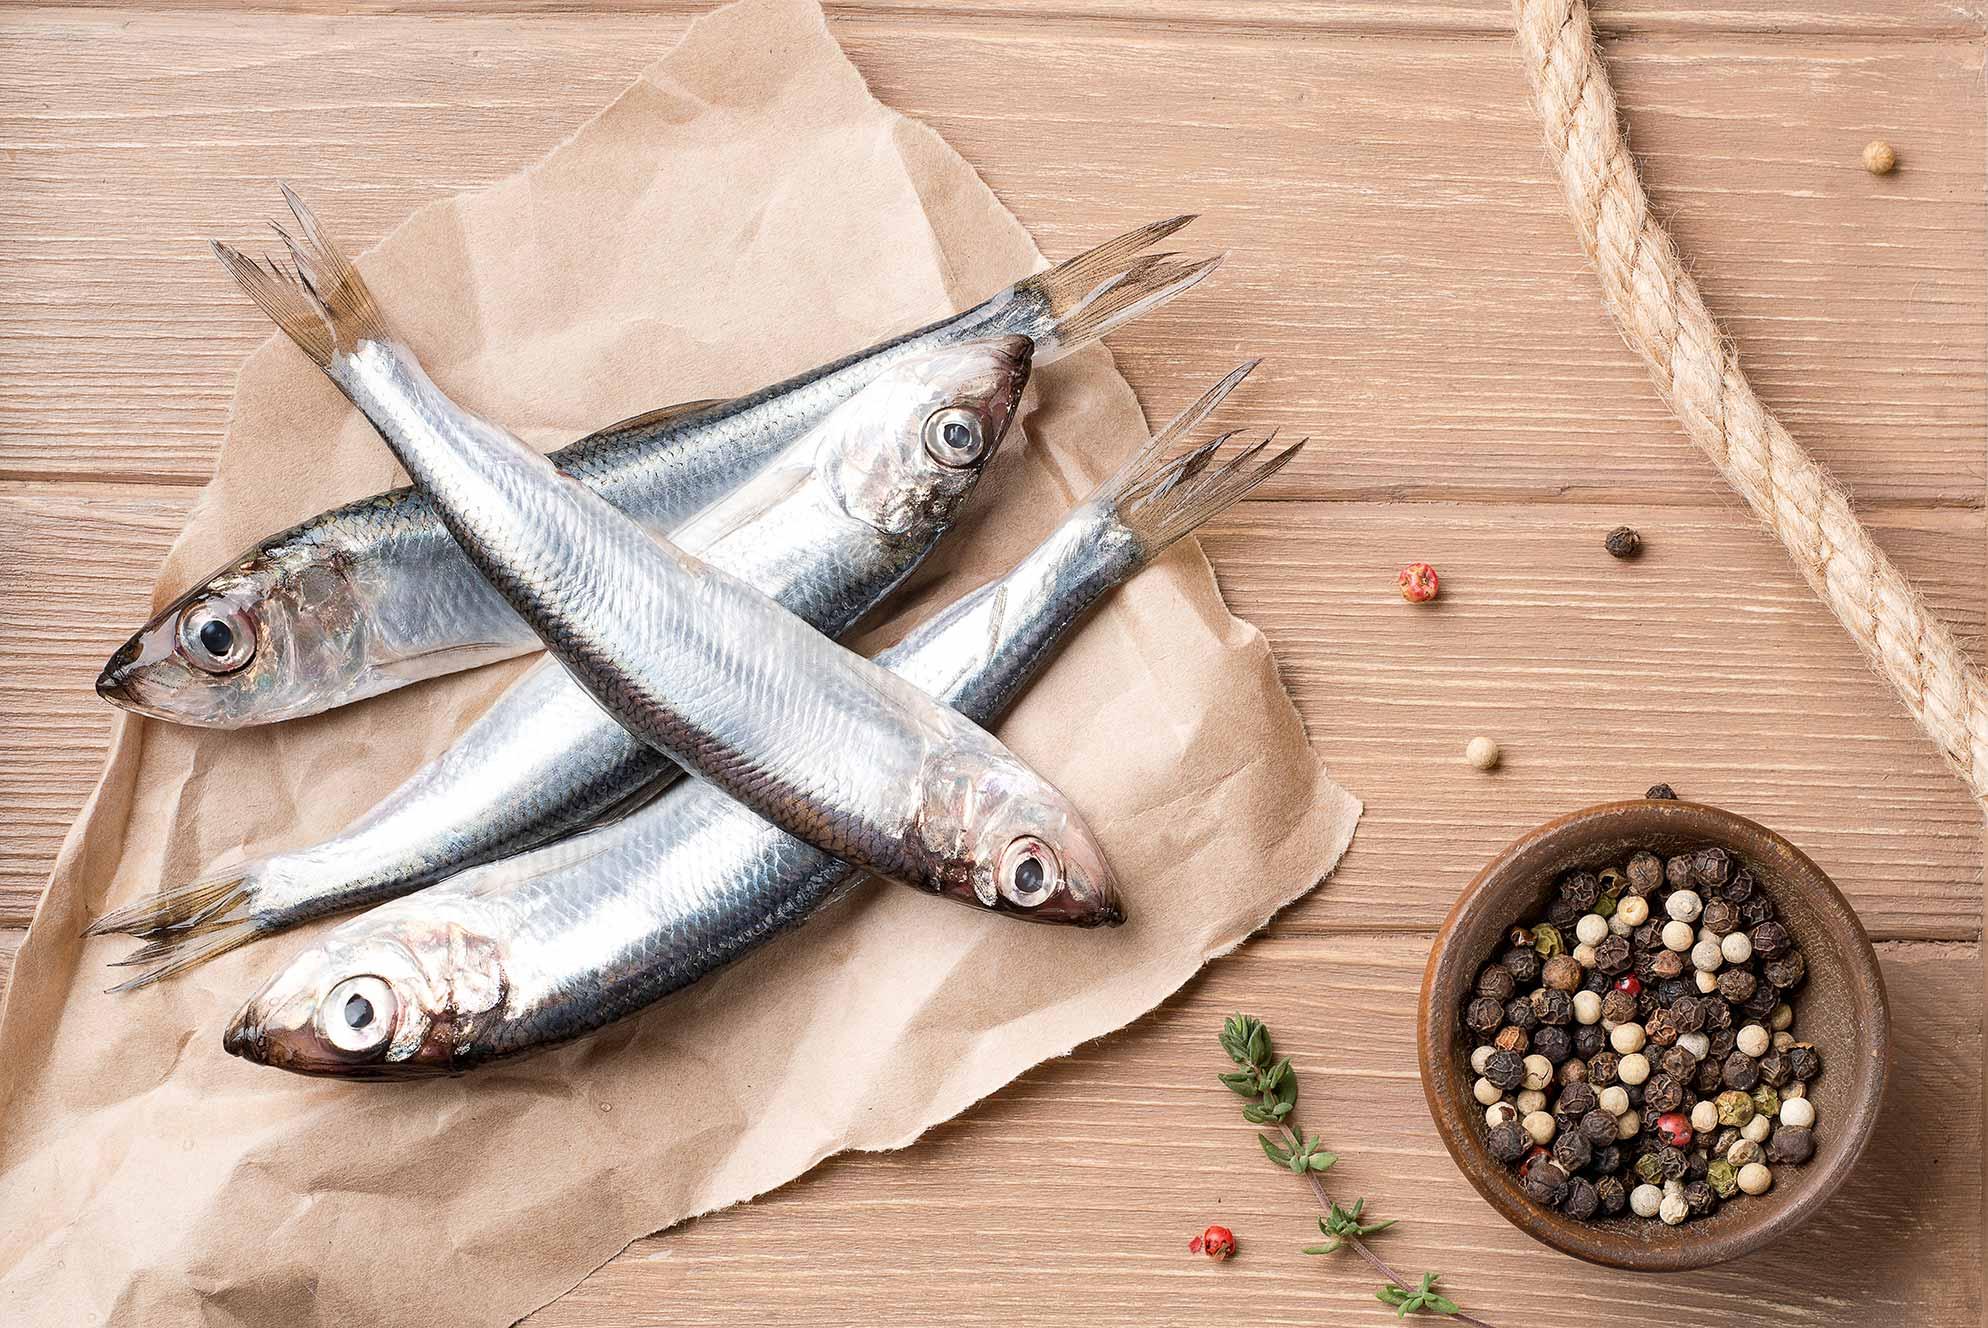 Рыба мойва: описание с фото, применение, калорийность и хранение